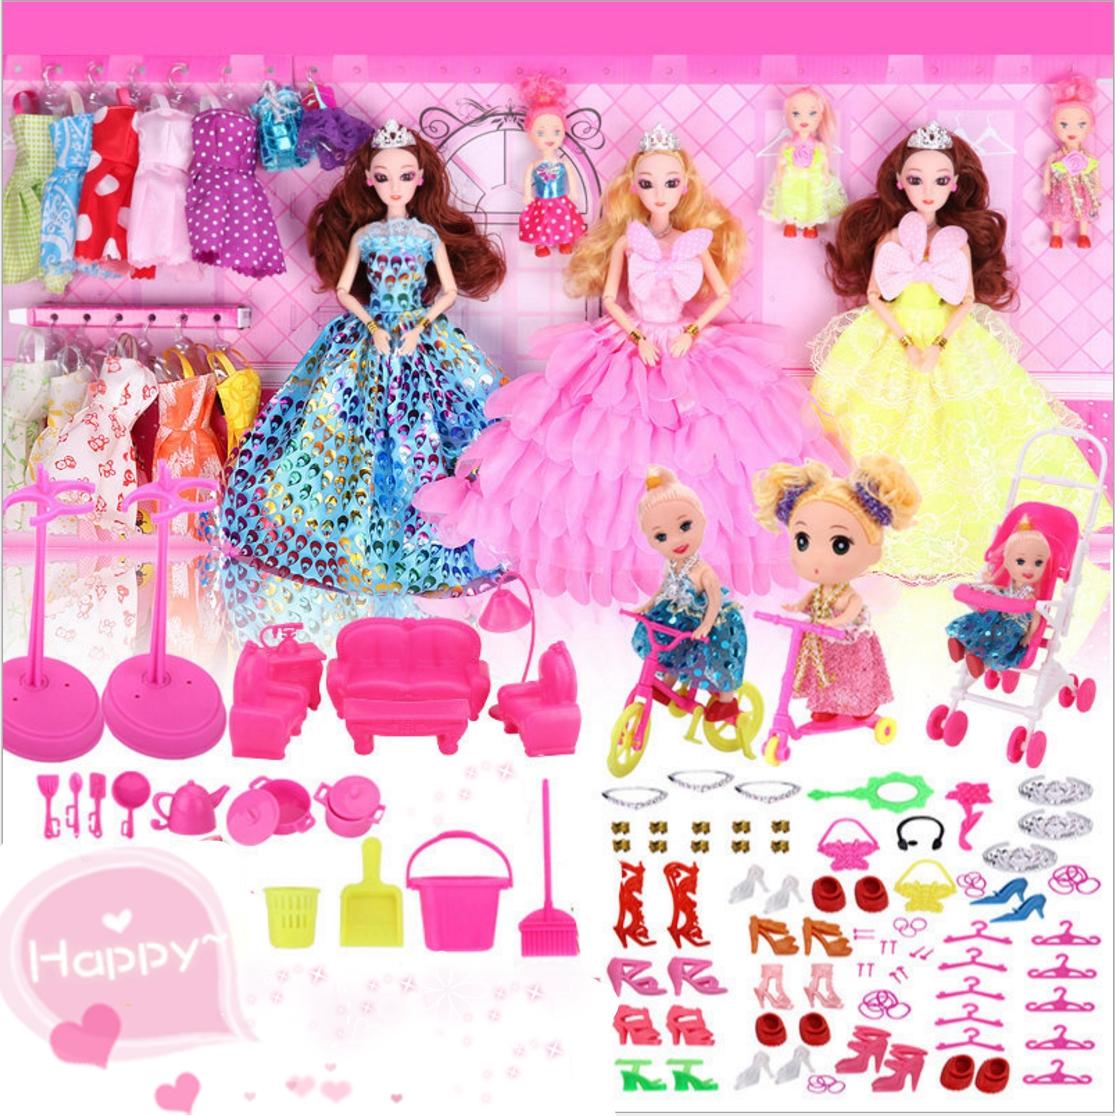 洋娃娃儿童玩具过家家大礼盒真眼美瞳生日礼物儿童礼物